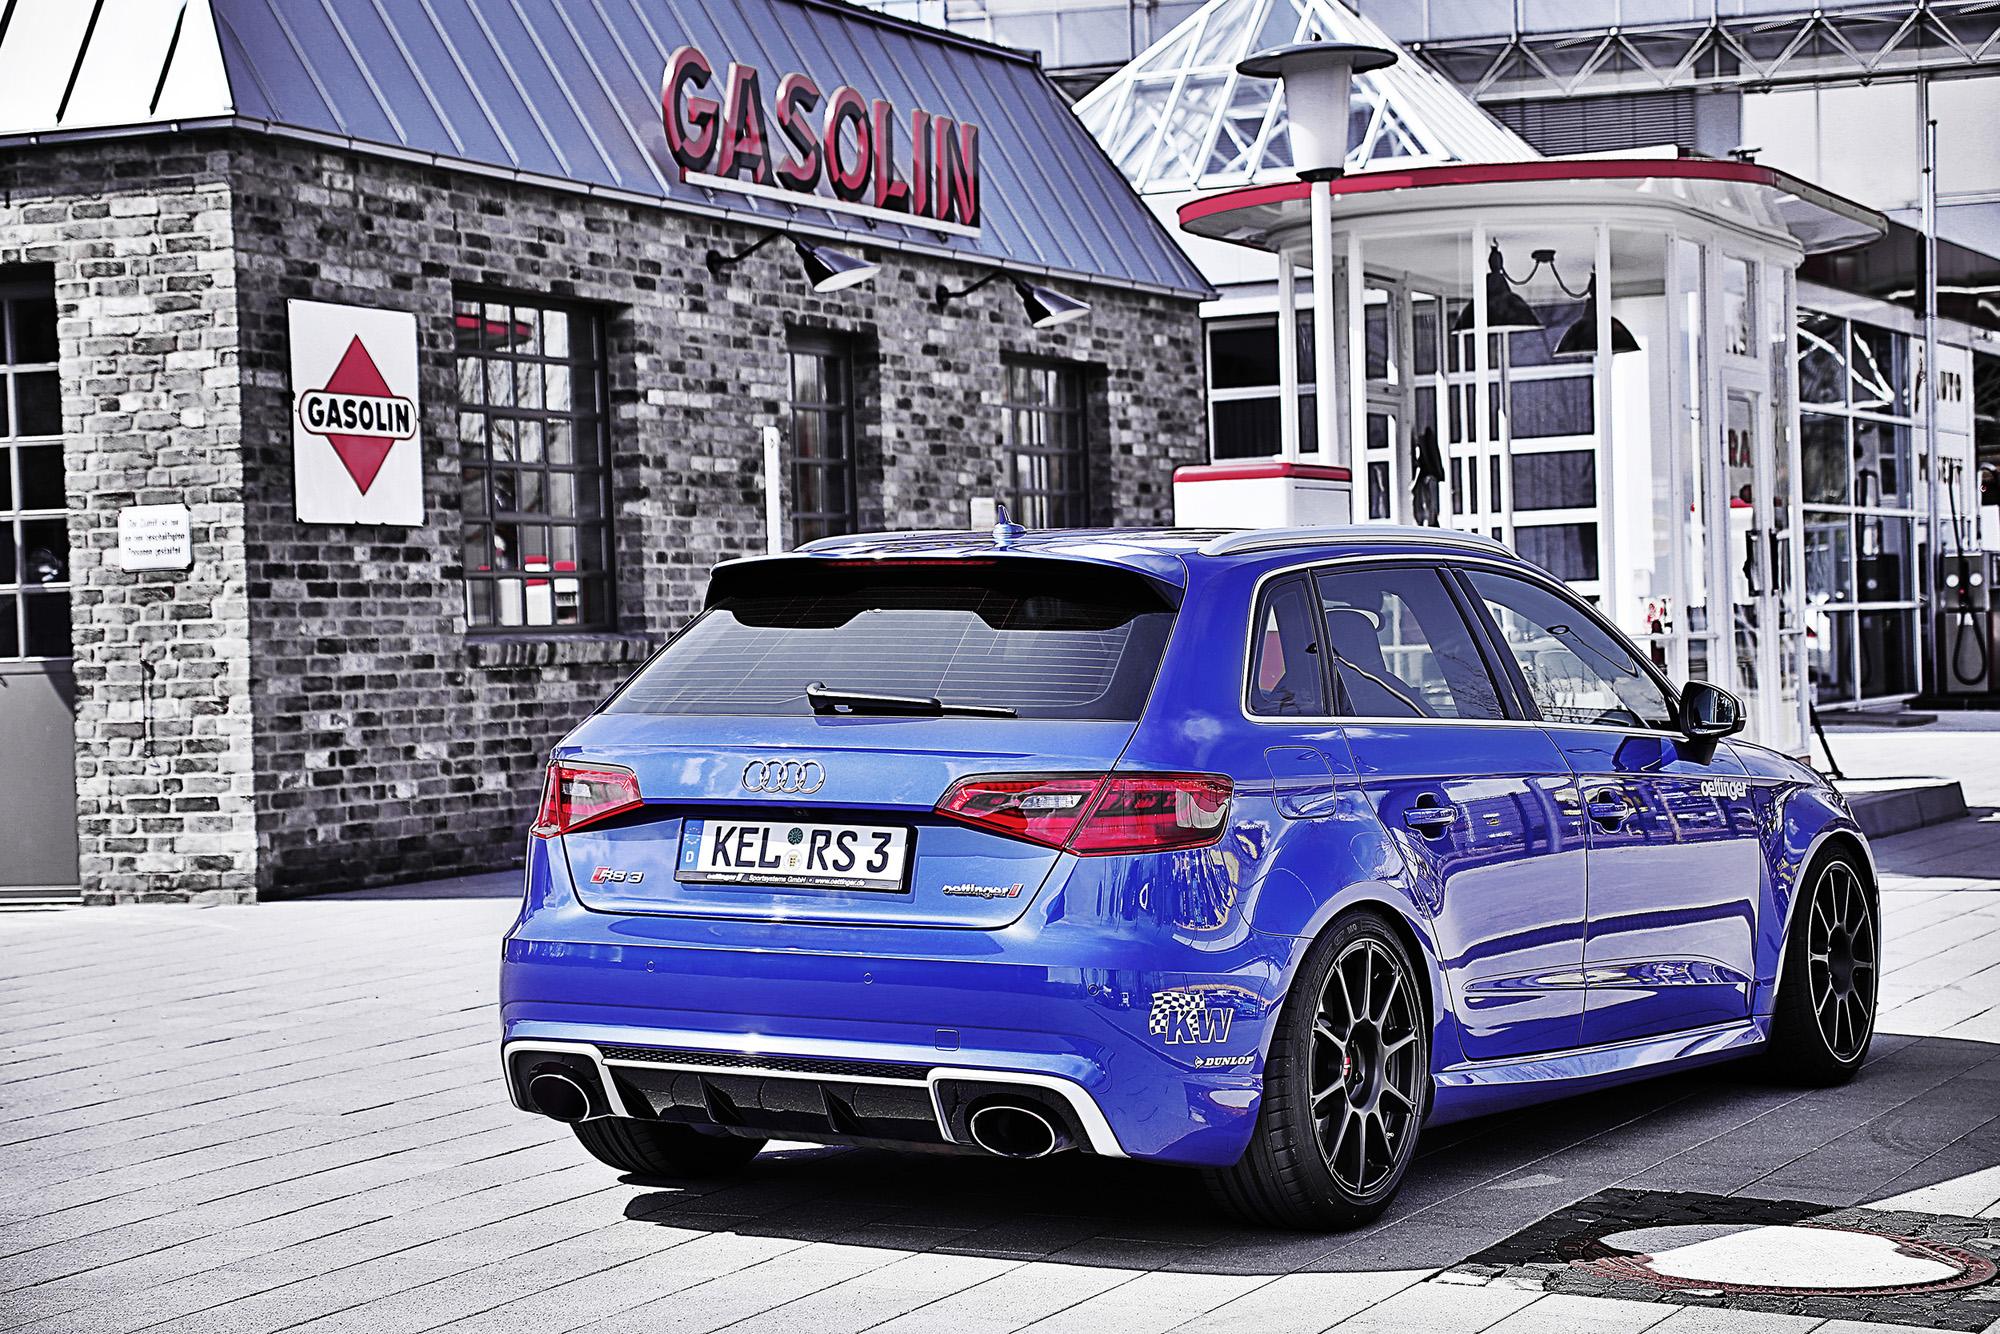 Außen hui, innen huiuiui: Mit seinen 520 PS kann der Audi RS 3 deutlich vorlegen.